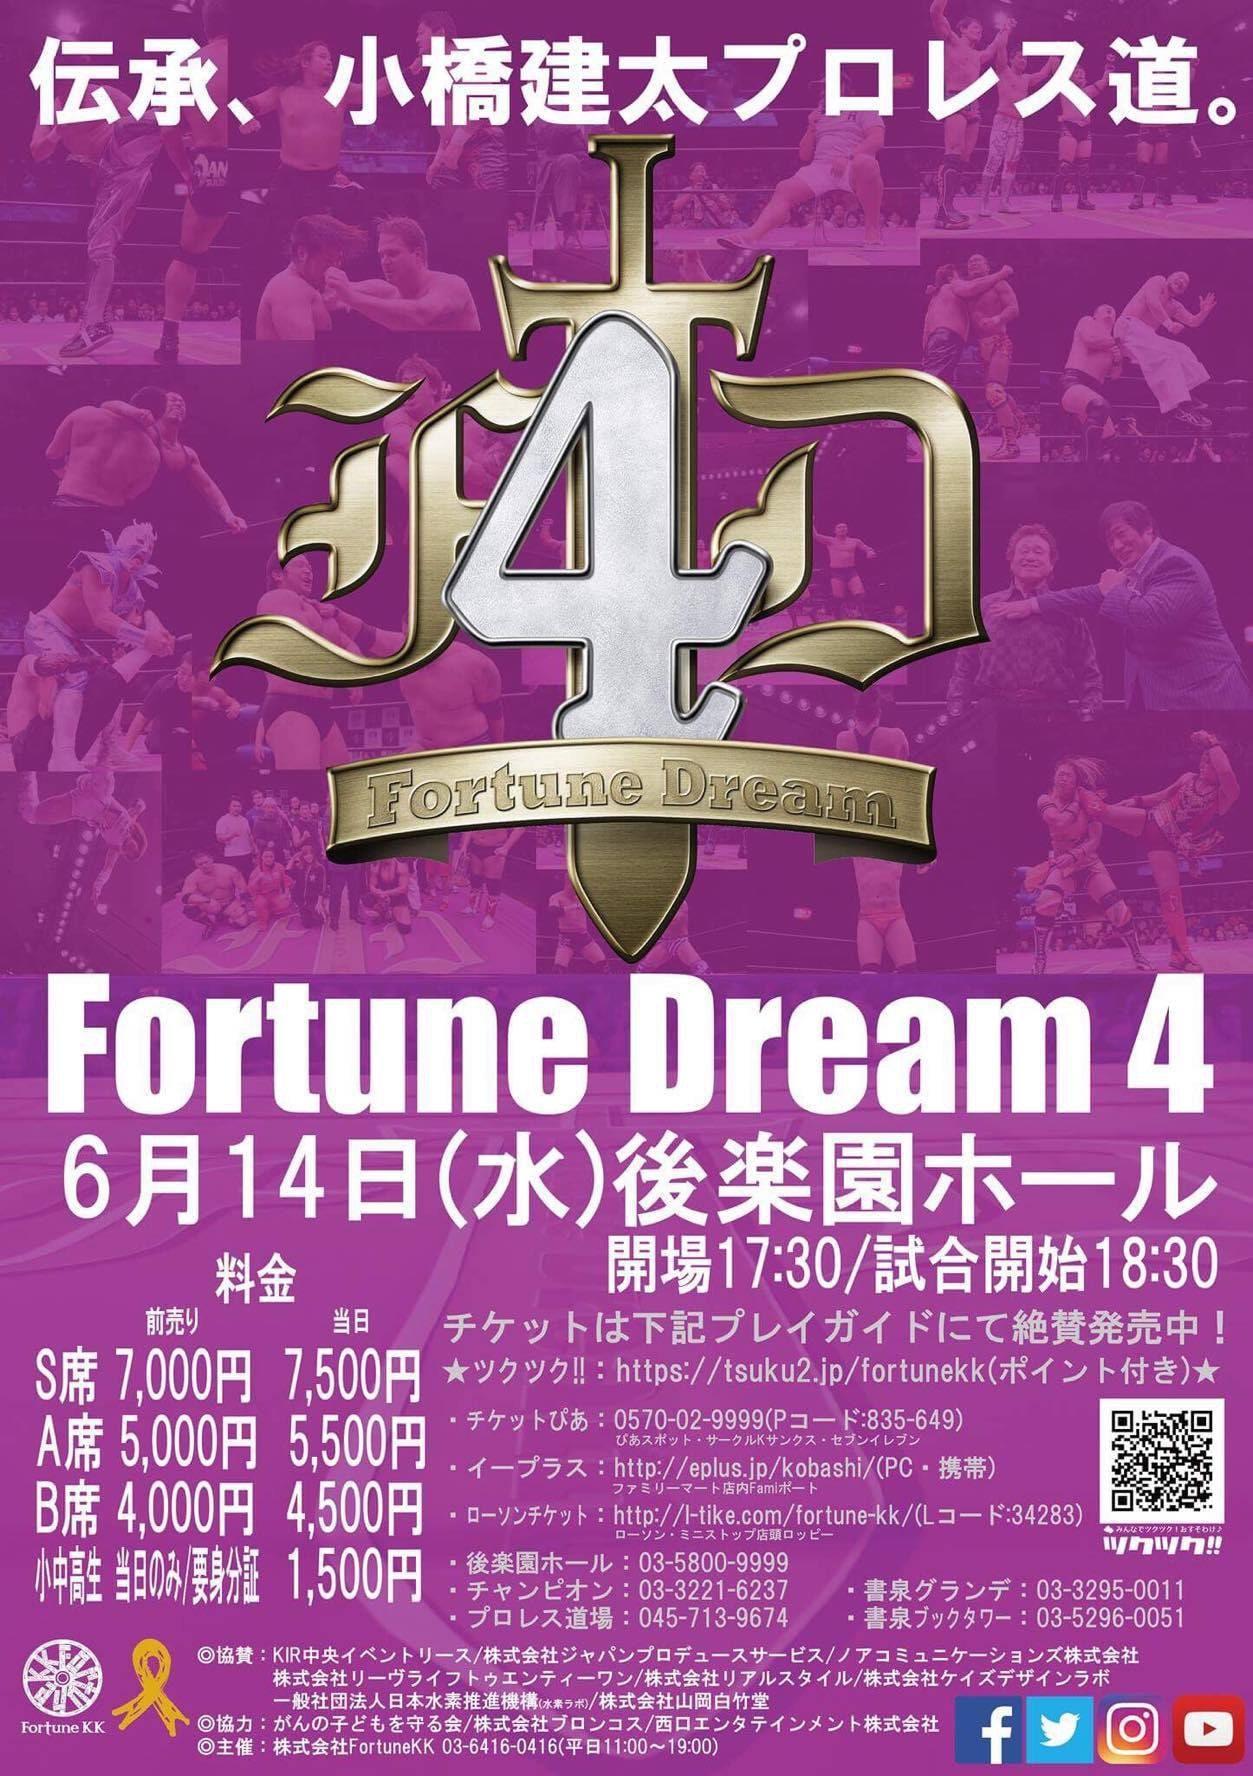 FortuneDream4協賛